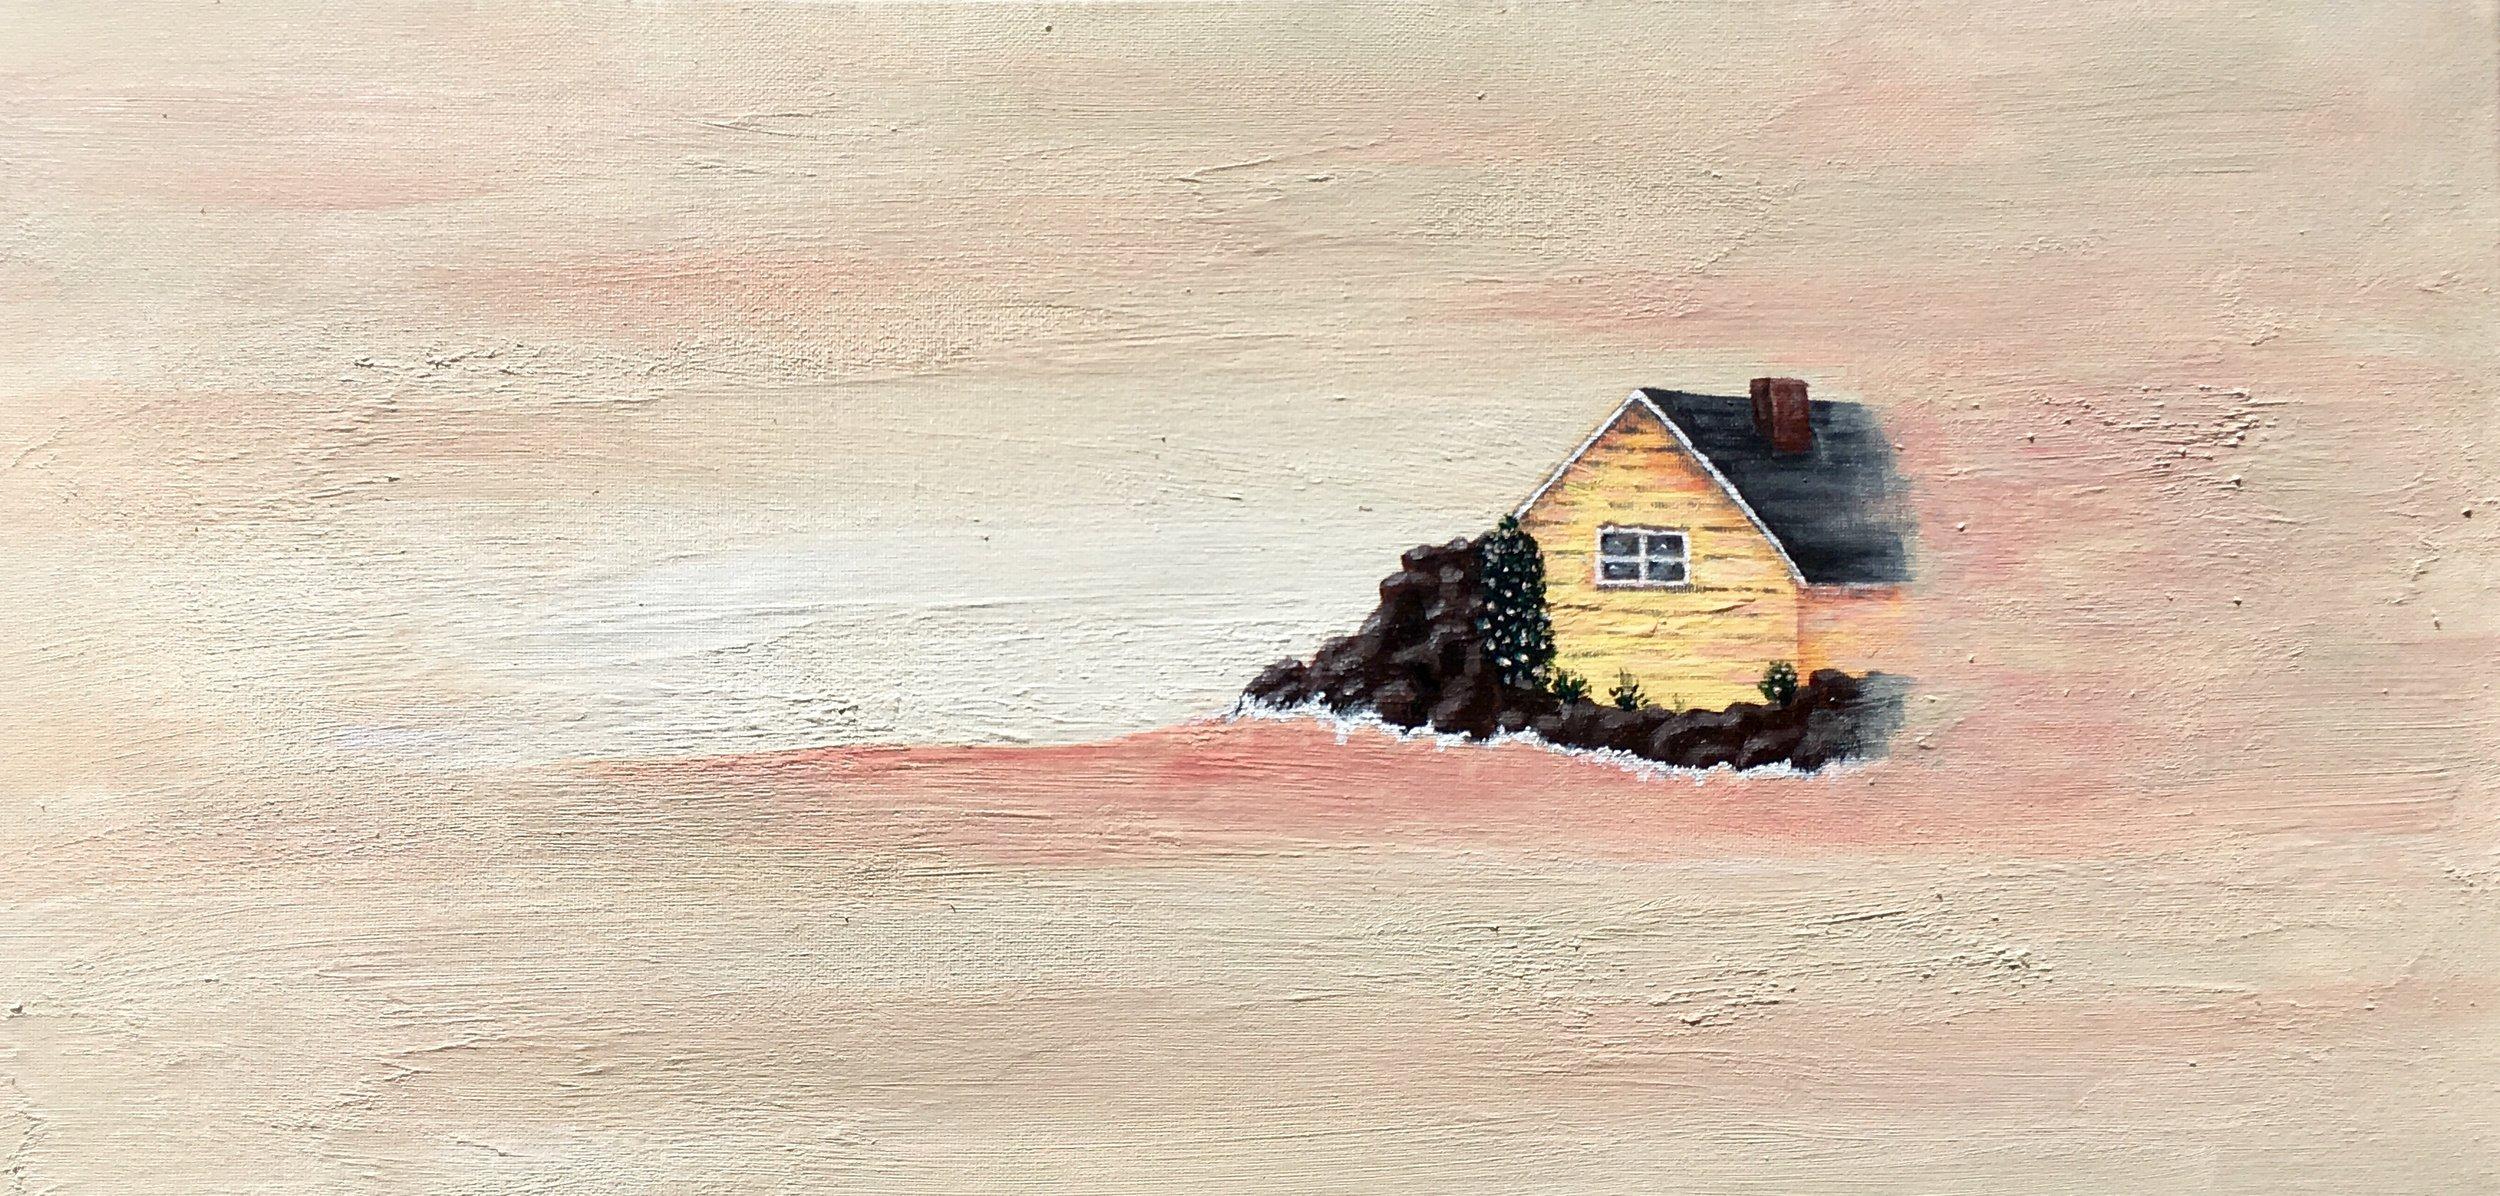 """Hazy Beach 2. Acrylic on canvas. 12"""" x 24"""""""